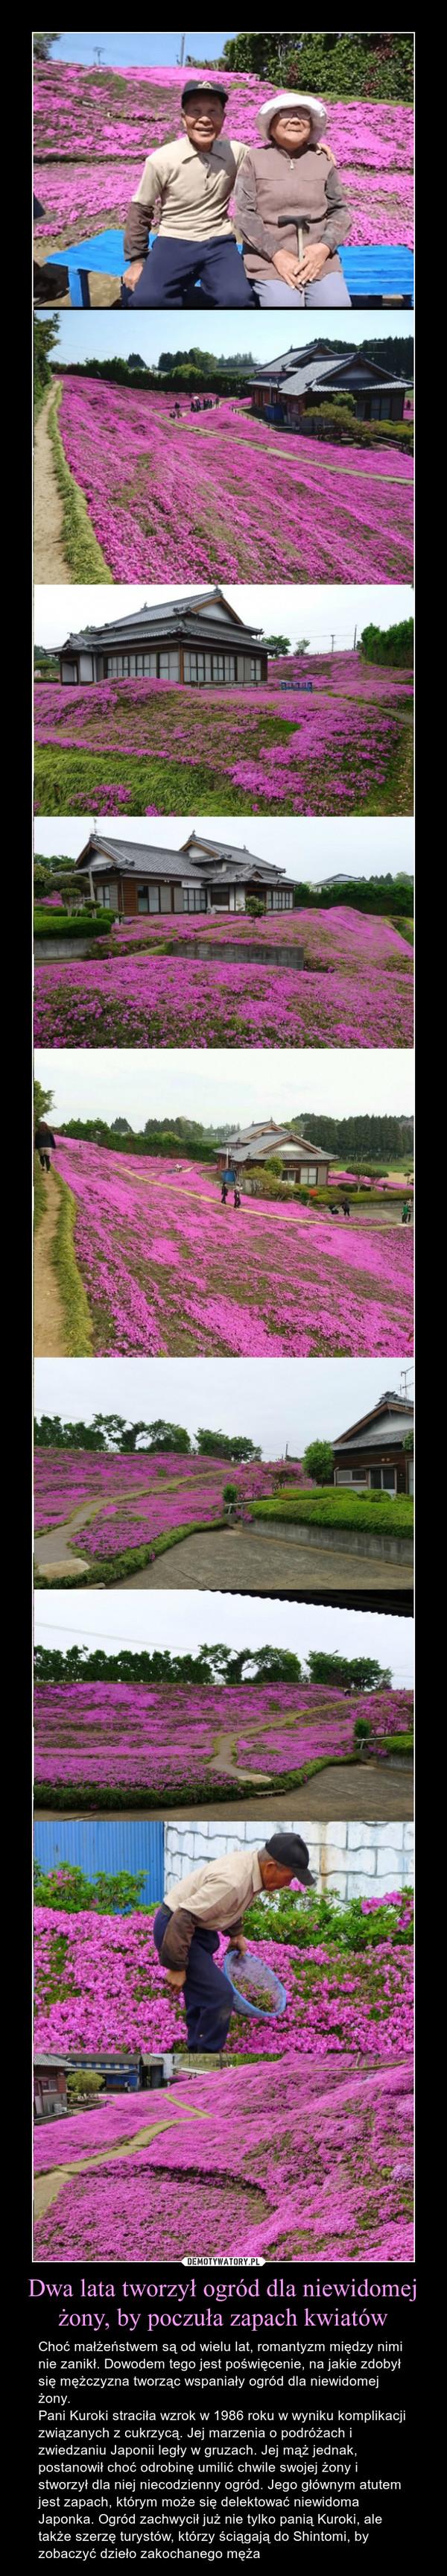 Dwa lata tworzył ogród dla niewidomej żony, by poczuła zapach kwiatów – Choć małżeństwem są od wielu lat, romantyzm między nimi nie zanikł. Dowodem tego jest poświęcenie, na jakie zdobył się mężczyzna tworząc wspaniały ogród dla niewidomej żony.Pani Kuroki straciła wzrok w 1986 roku w wyniku komplikacji związanych z cukrzycą. Jej marzenia o podróżach i zwiedzaniu Japonii legły w gruzach. Jej mąż jednak, postanowił choć odrobinę umilić chwile swojej żony i stworzył dla niej niecodzienny ogród. Jego głównym atutem jest zapach, którym może się delektować niewidoma Japonka. Ogród zachwycił już nie tylko panią Kuroki, ale także szerzę turystów, którzy ściągają do Shintomi, by zobaczyć dzieło zakochanego męża